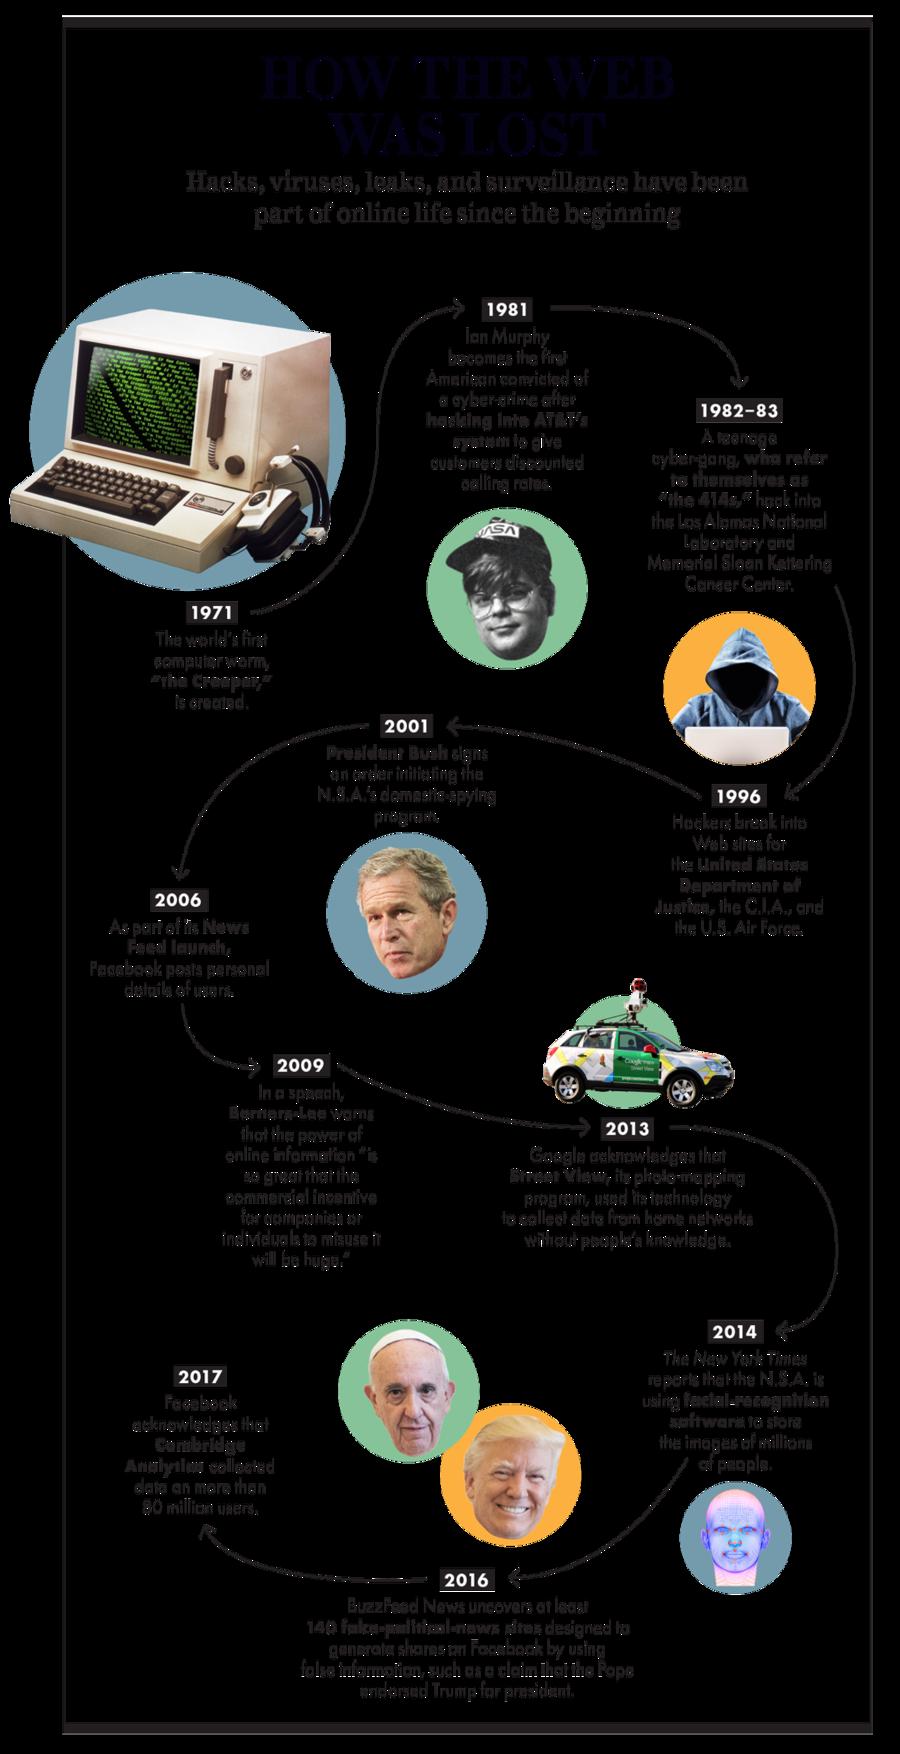 Тім Бернес-Лі - винахідник інтернету